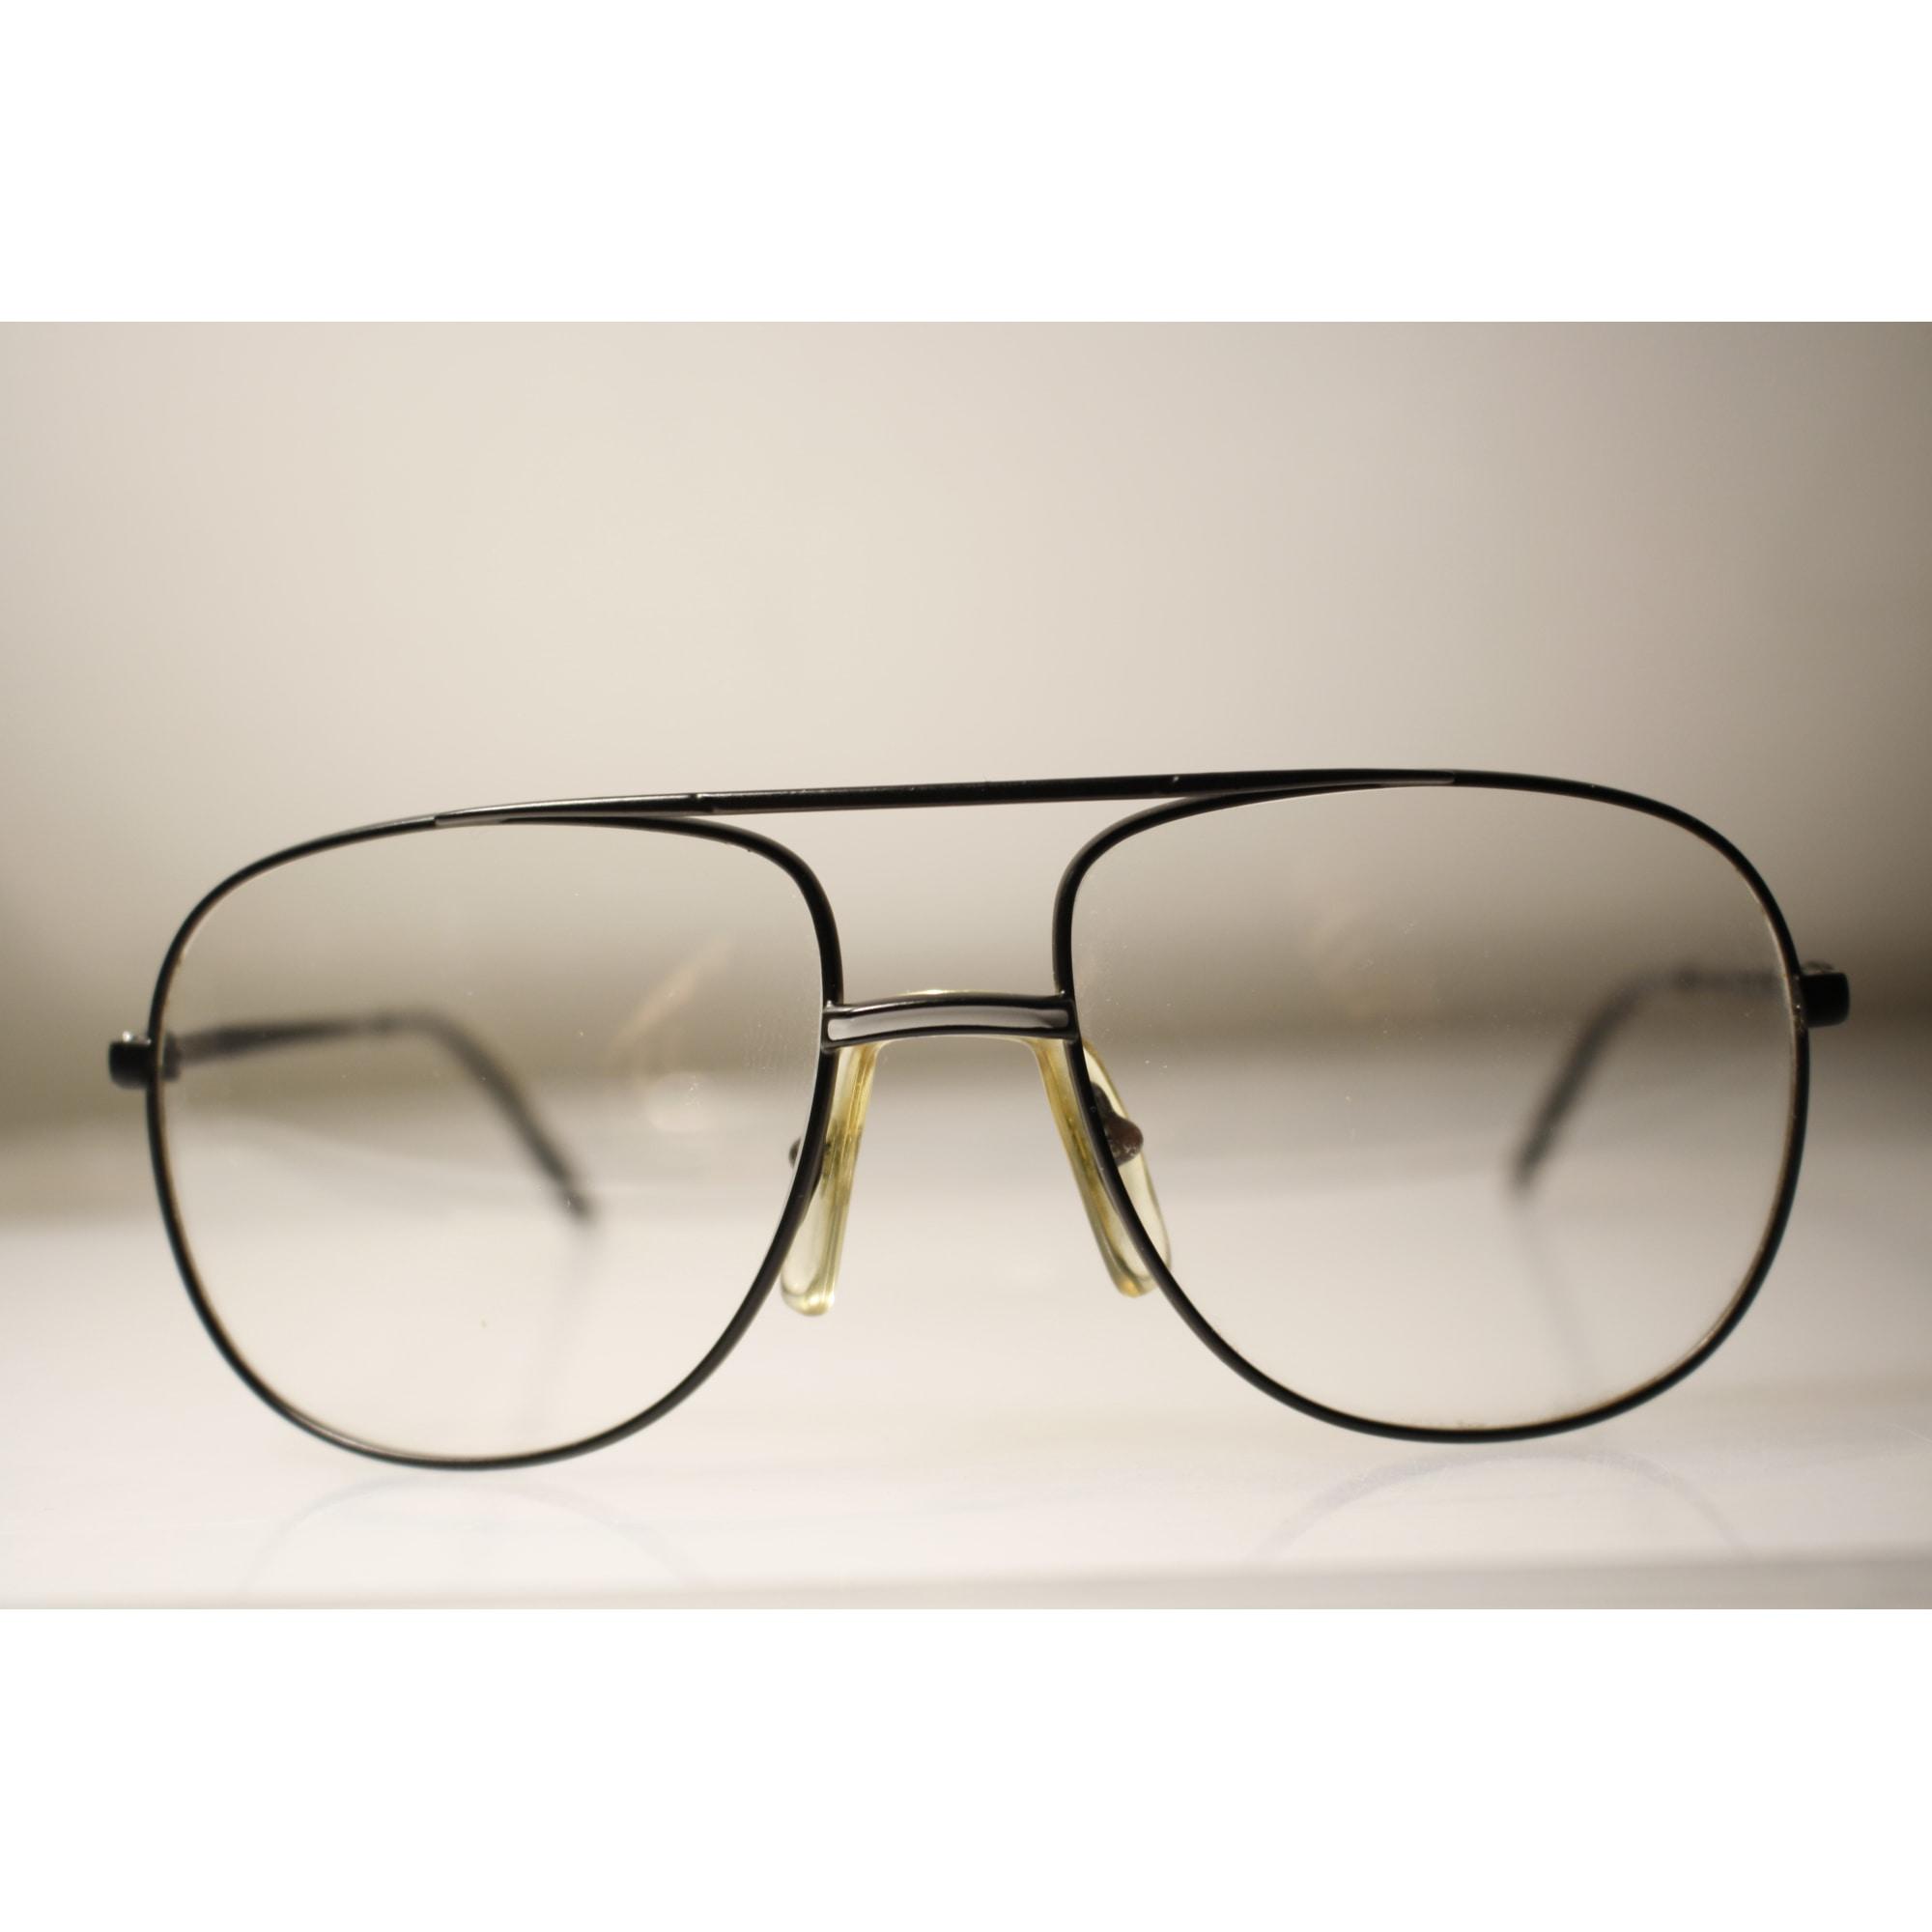 Monture de lunettes LACOSTE noir - 5654776 9be3fcf6737a